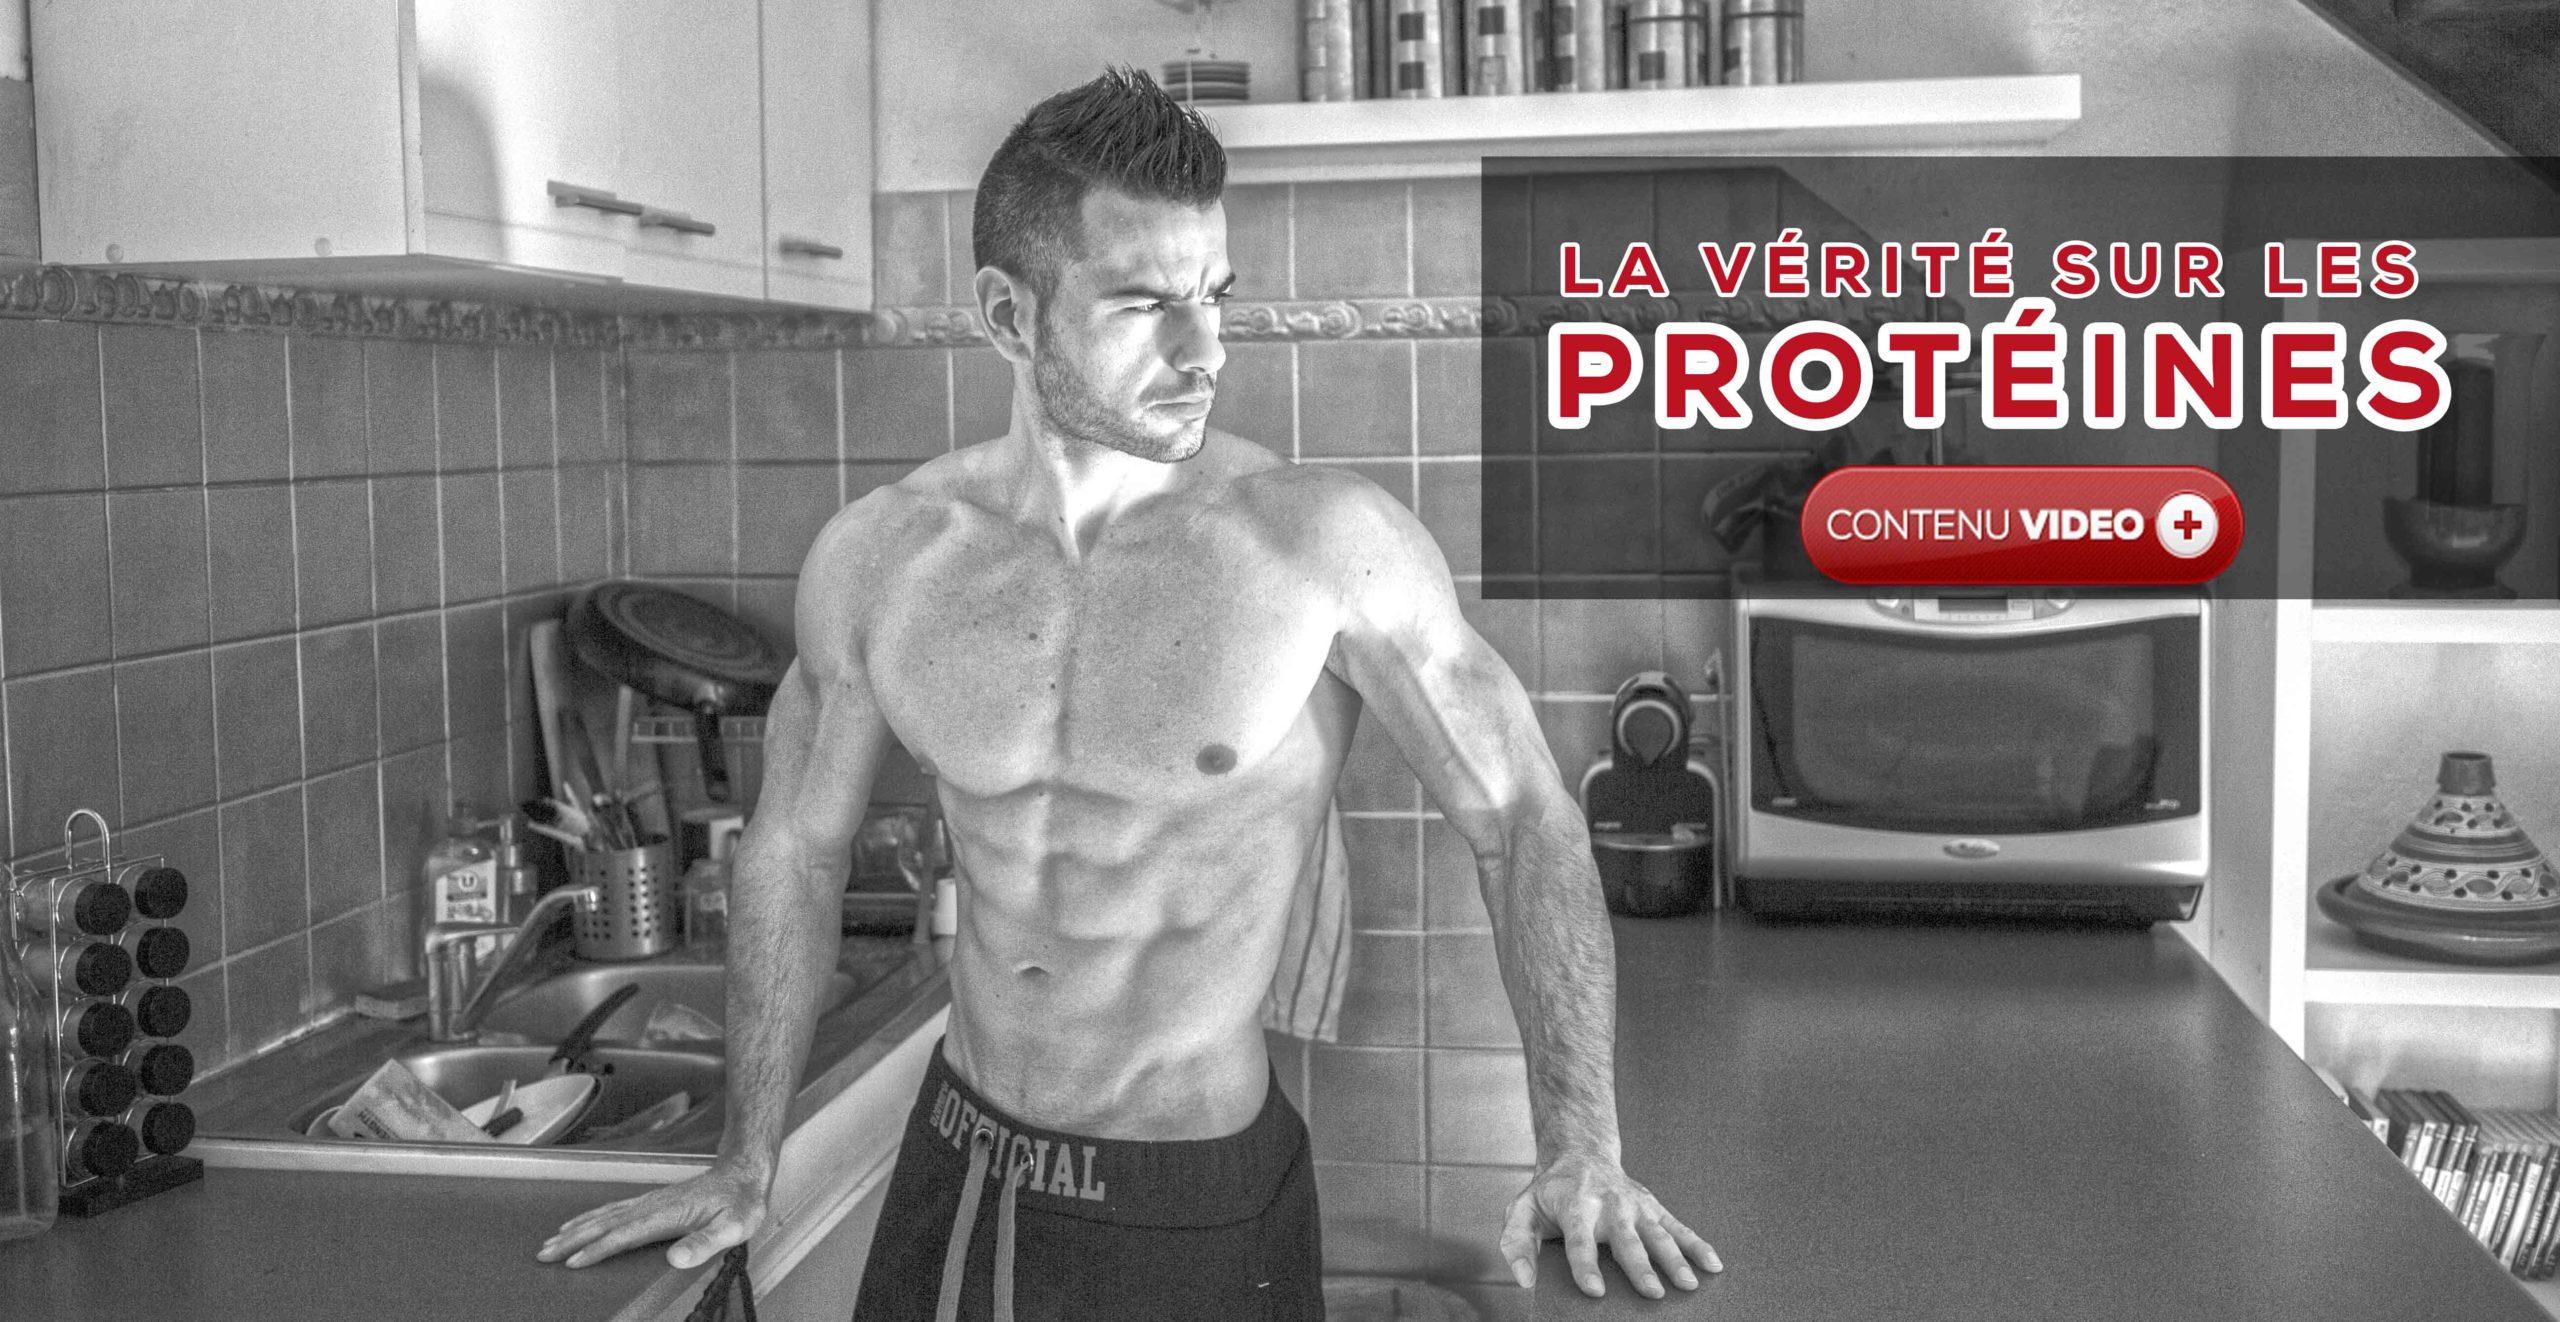 Protéines : je vous explique tout en vidéo